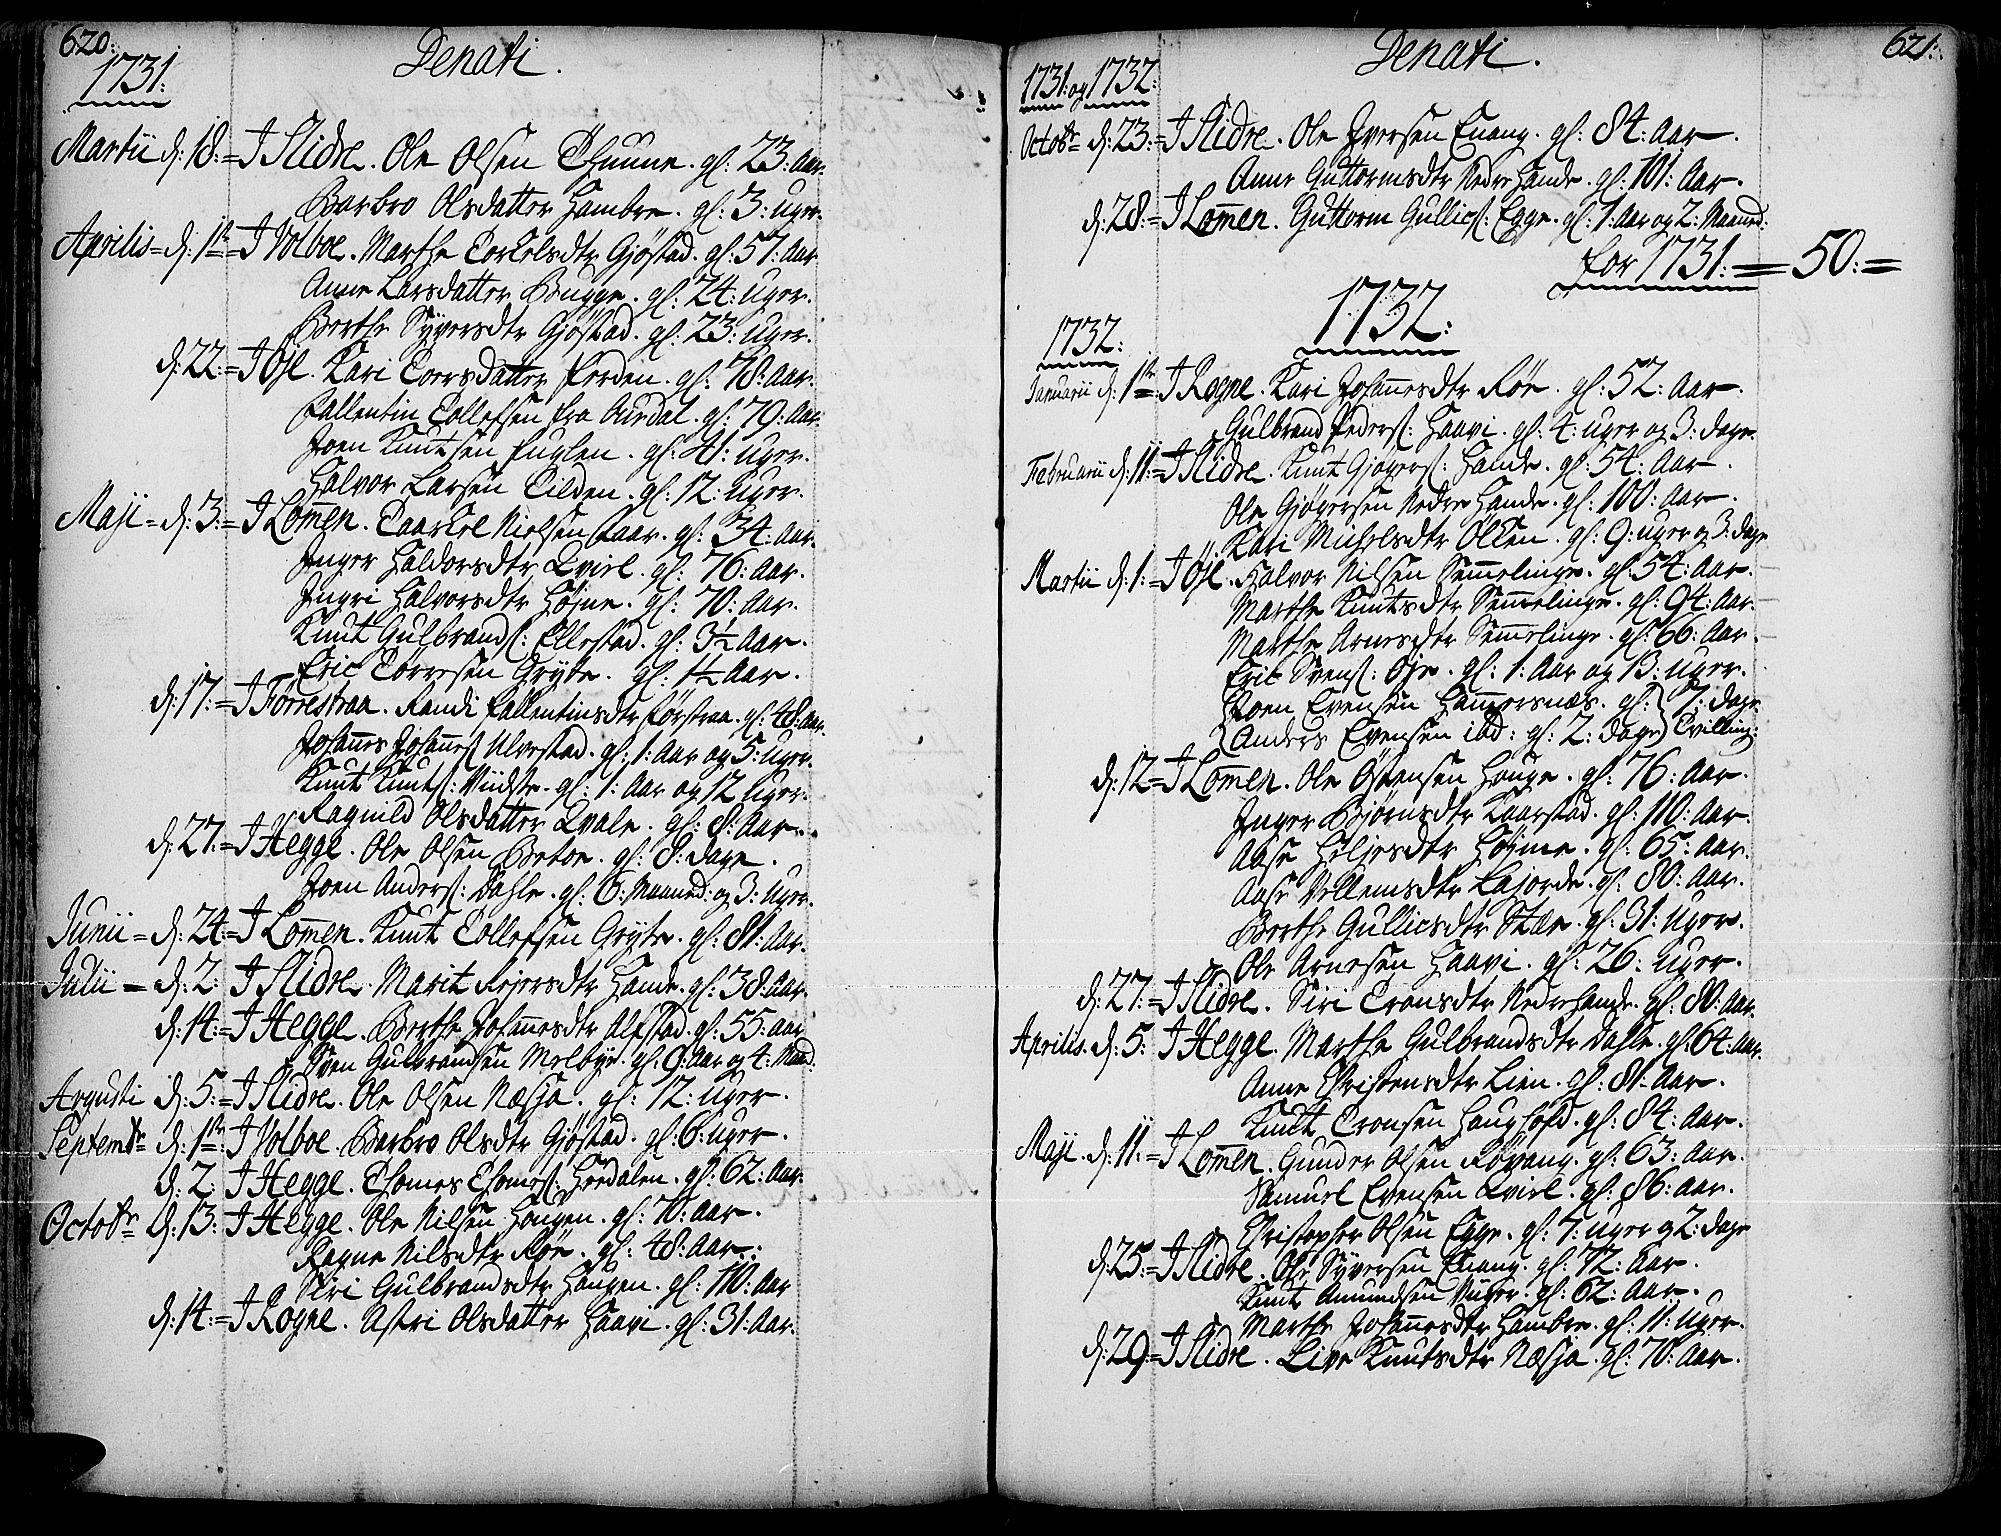 SAH, Slidre prestekontor, Ministerialbok nr. 1, 1724-1814, s. 620-621